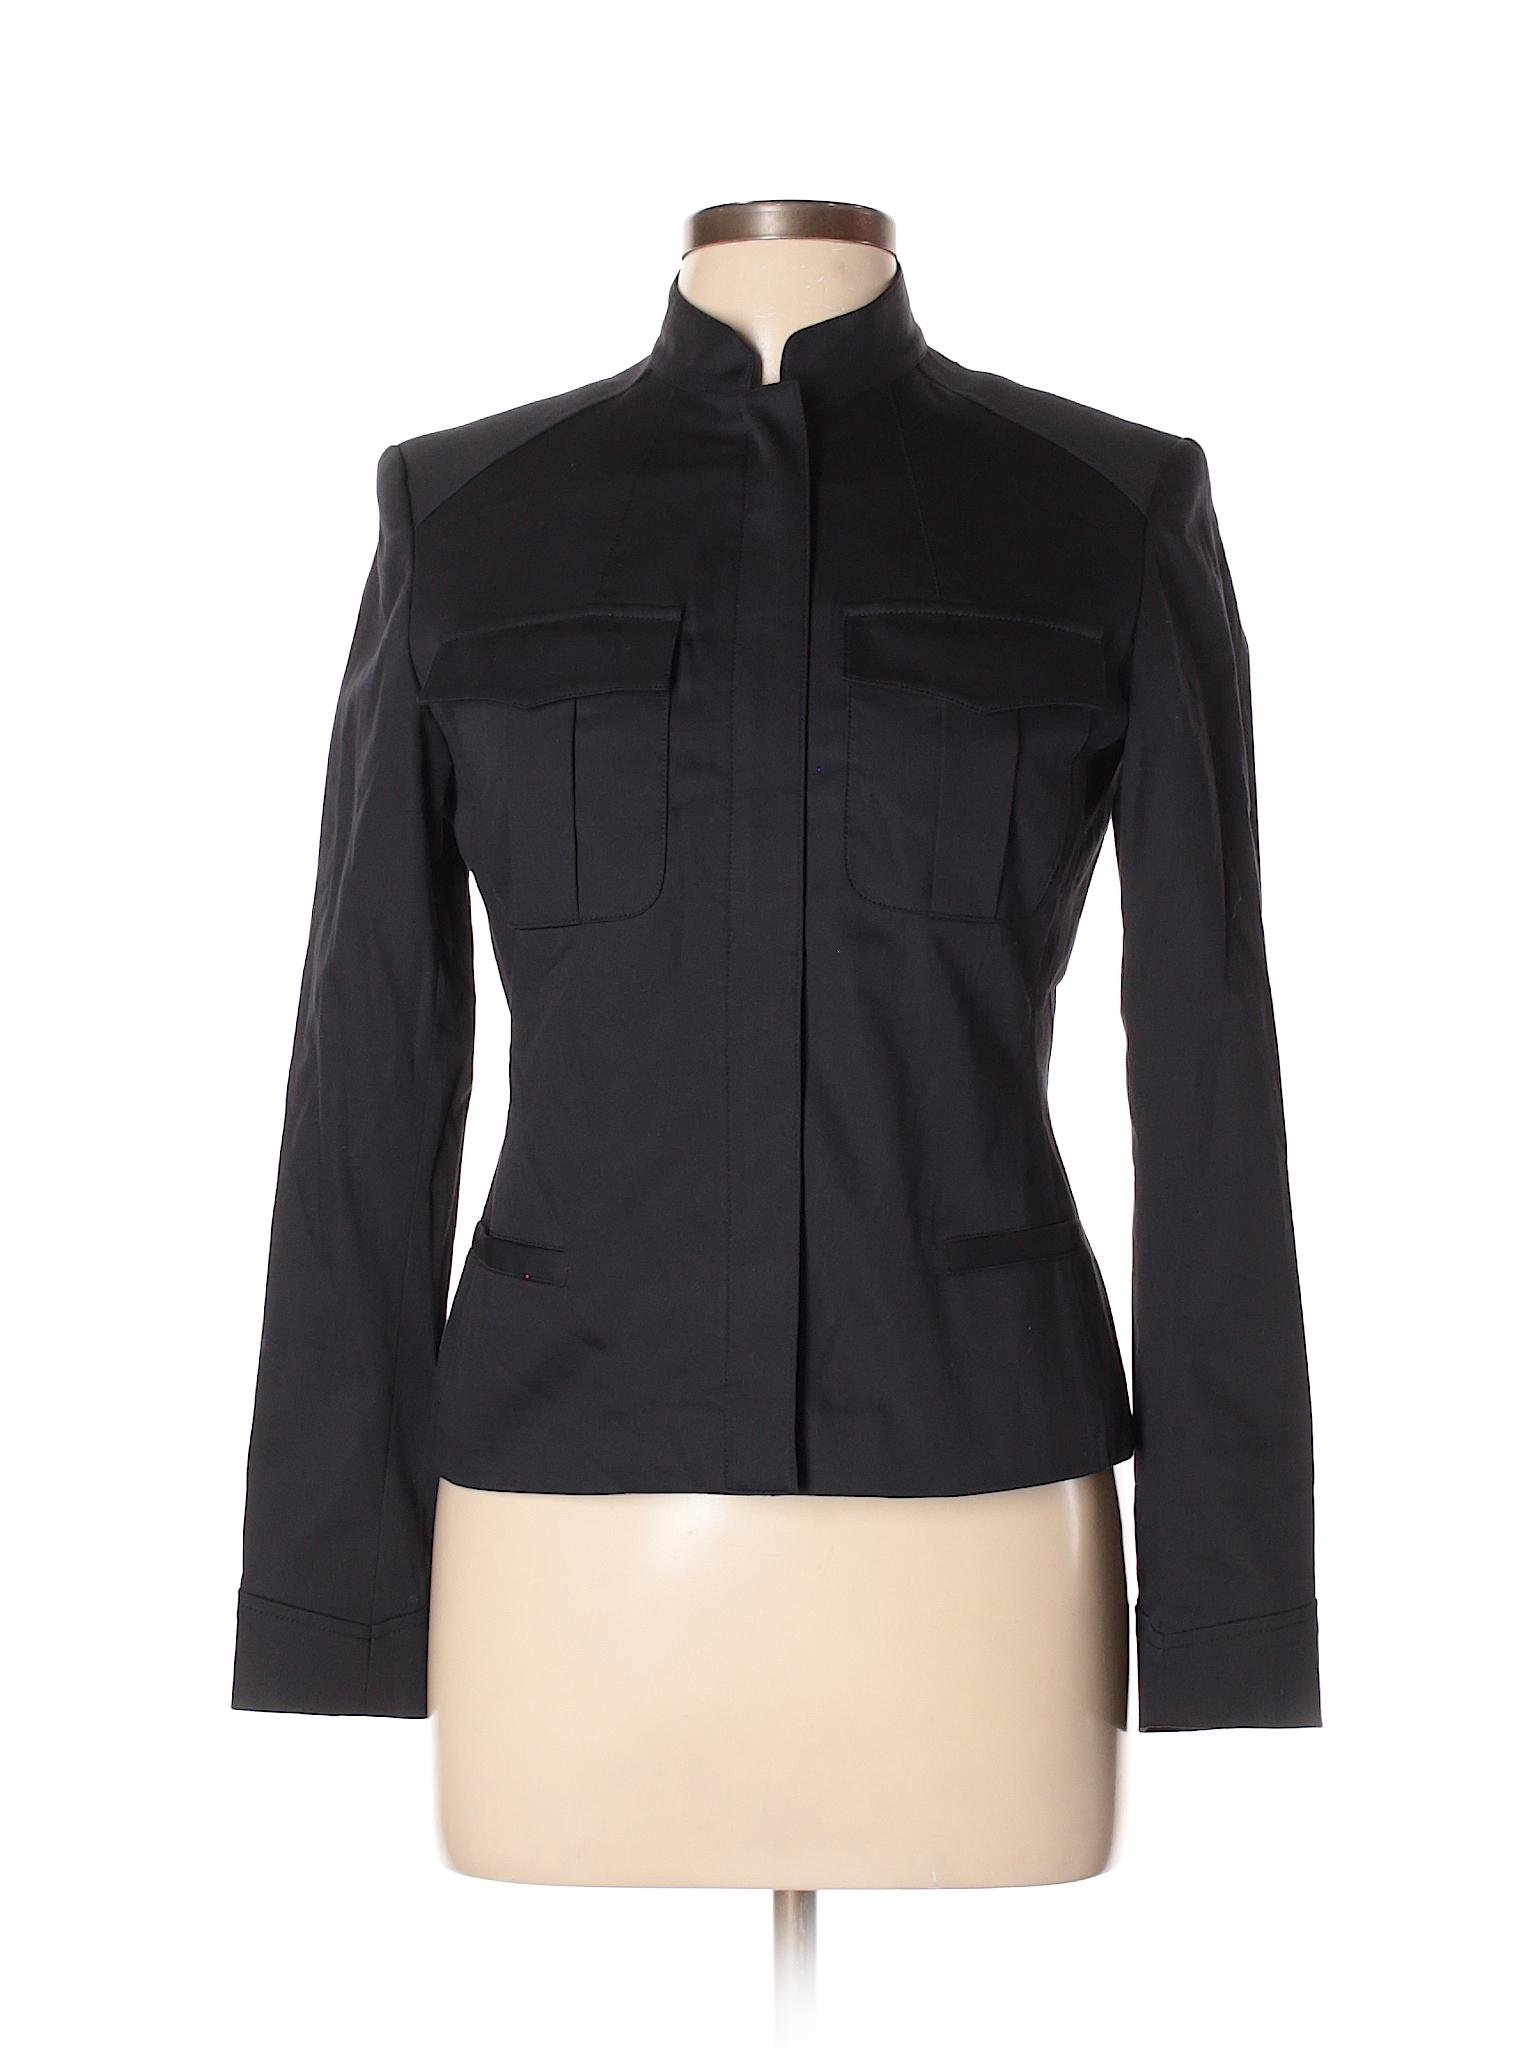 Boutique Jacket Jacket Etcetera Boutique Boutique Etcetera Boutique Jacket Etcetera Etcetera Jacket Jacket Etcetera Boutique pEpq8xng